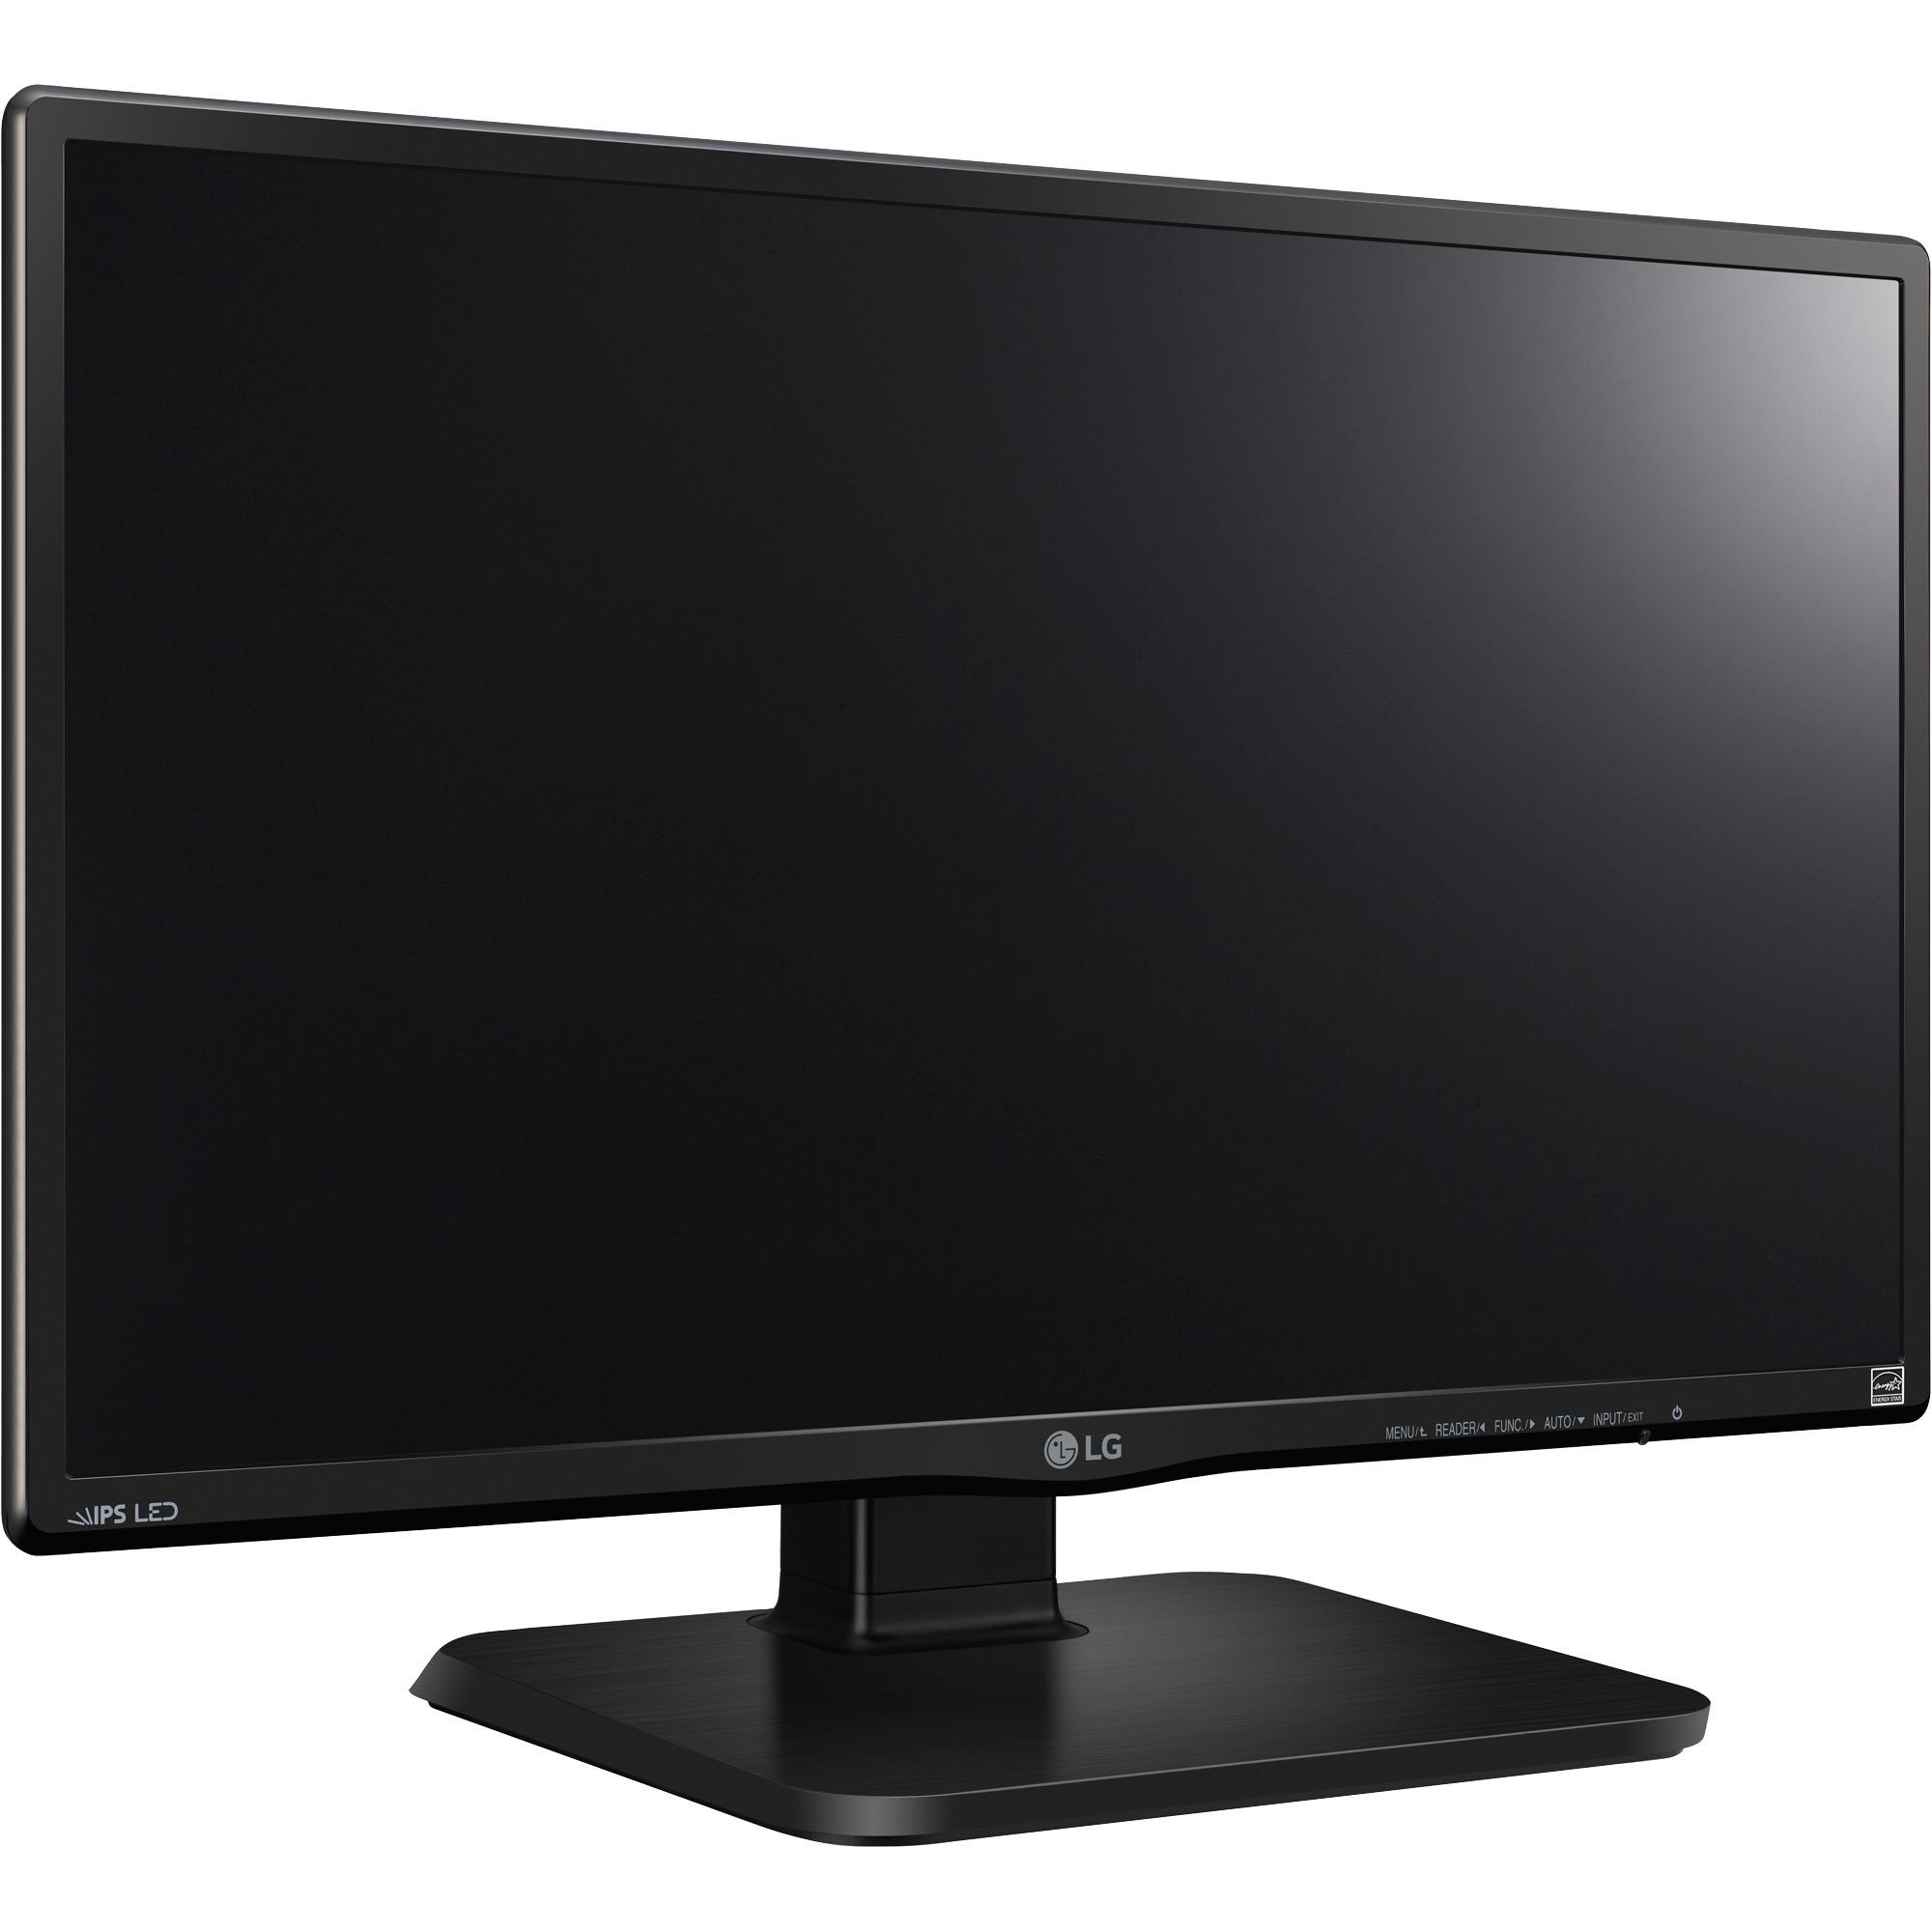 """24BK450H 23.8"""" Full HD LCD Negro pantalla para PC, Monitor LED"""